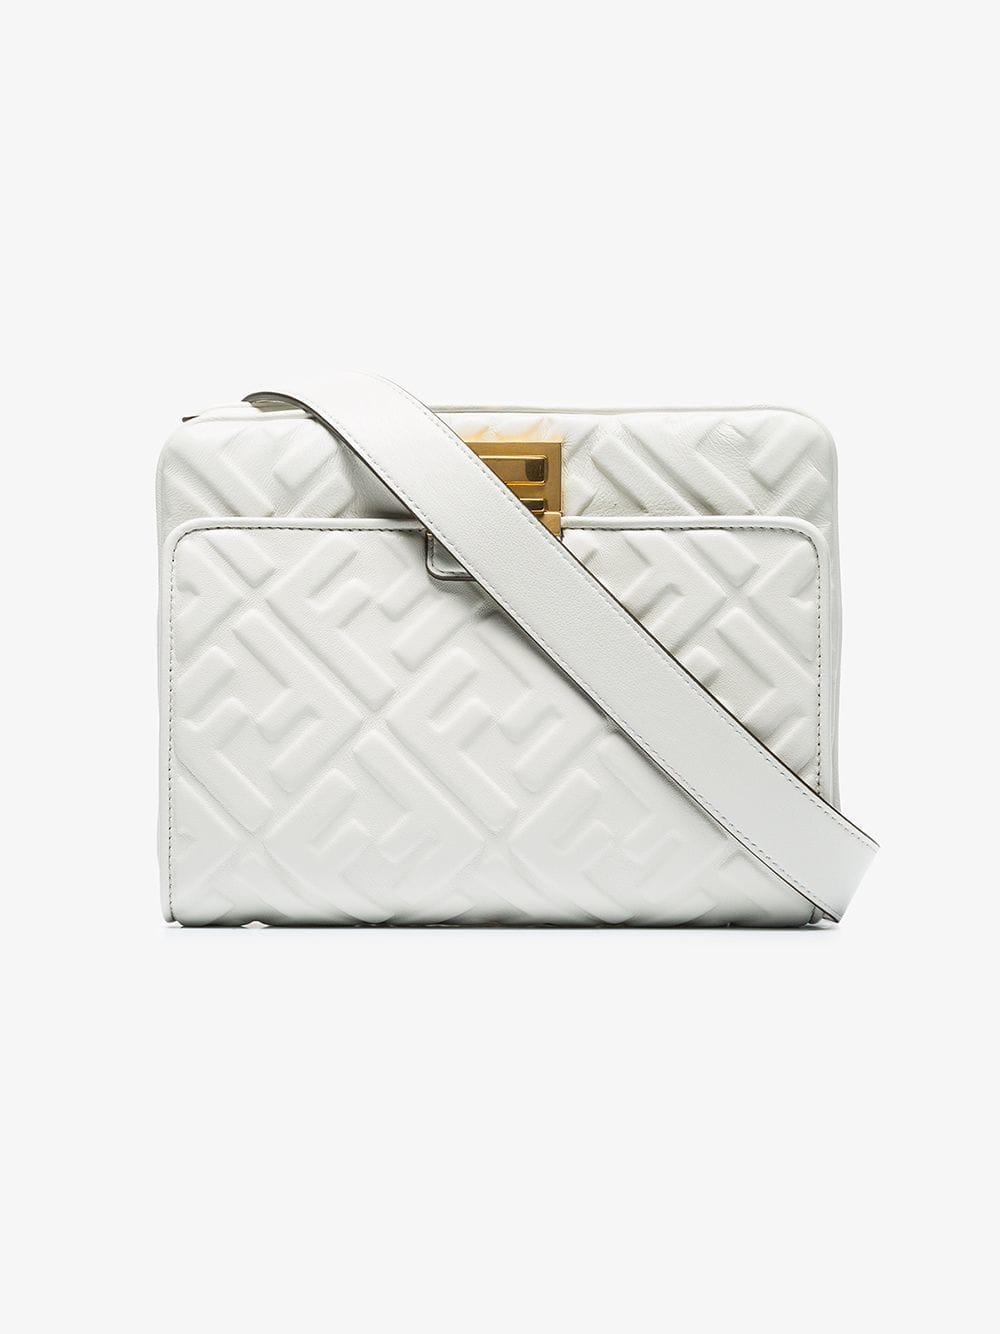 1c8a6f6de917 Fendi Upside Down Belt Bag in White - Lyst